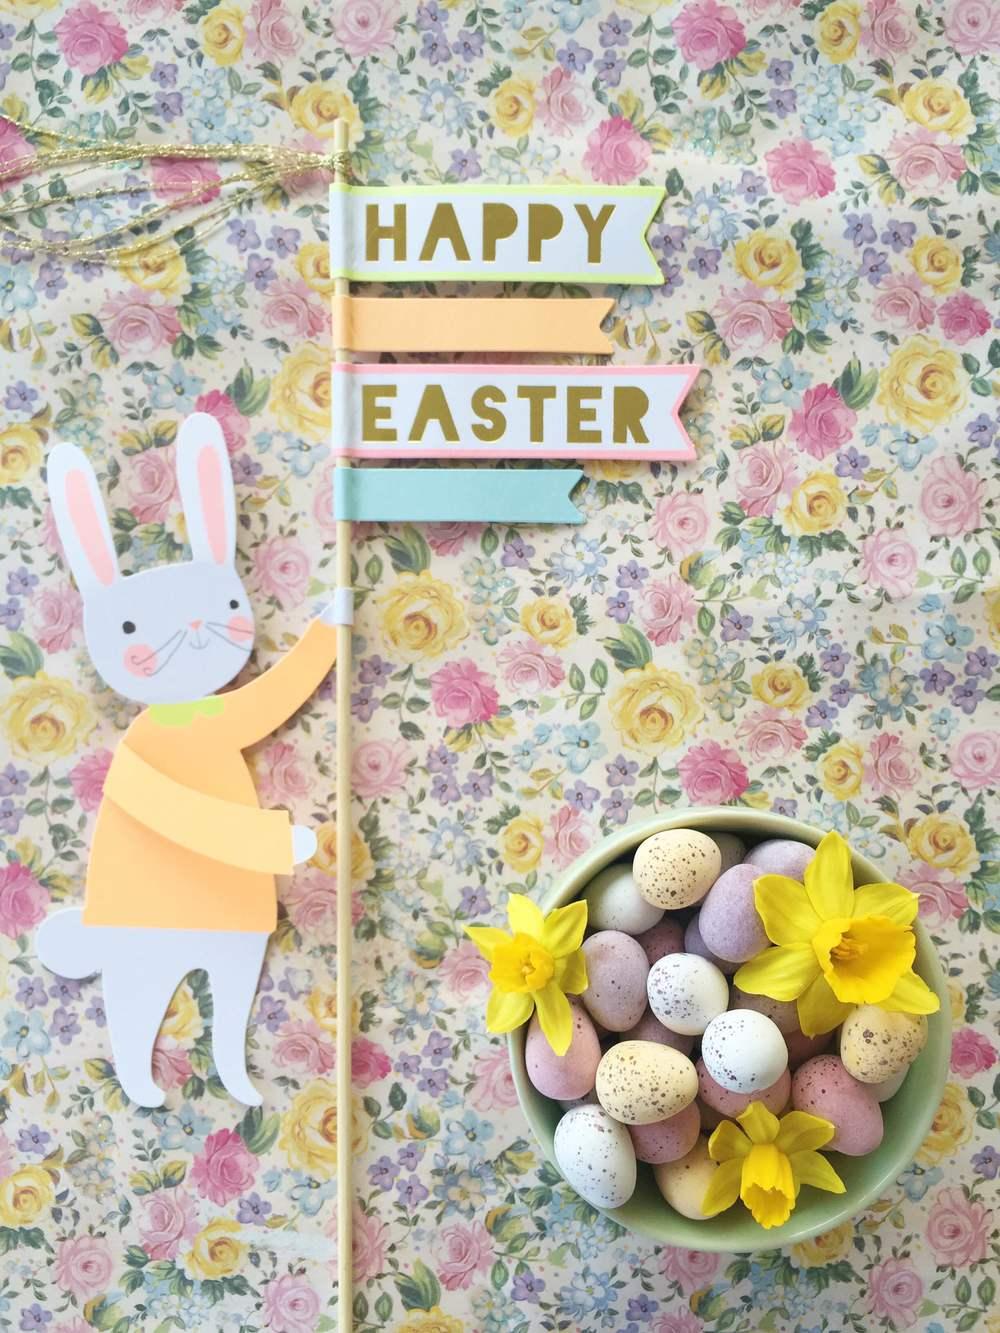 Happy Easter | Makelight